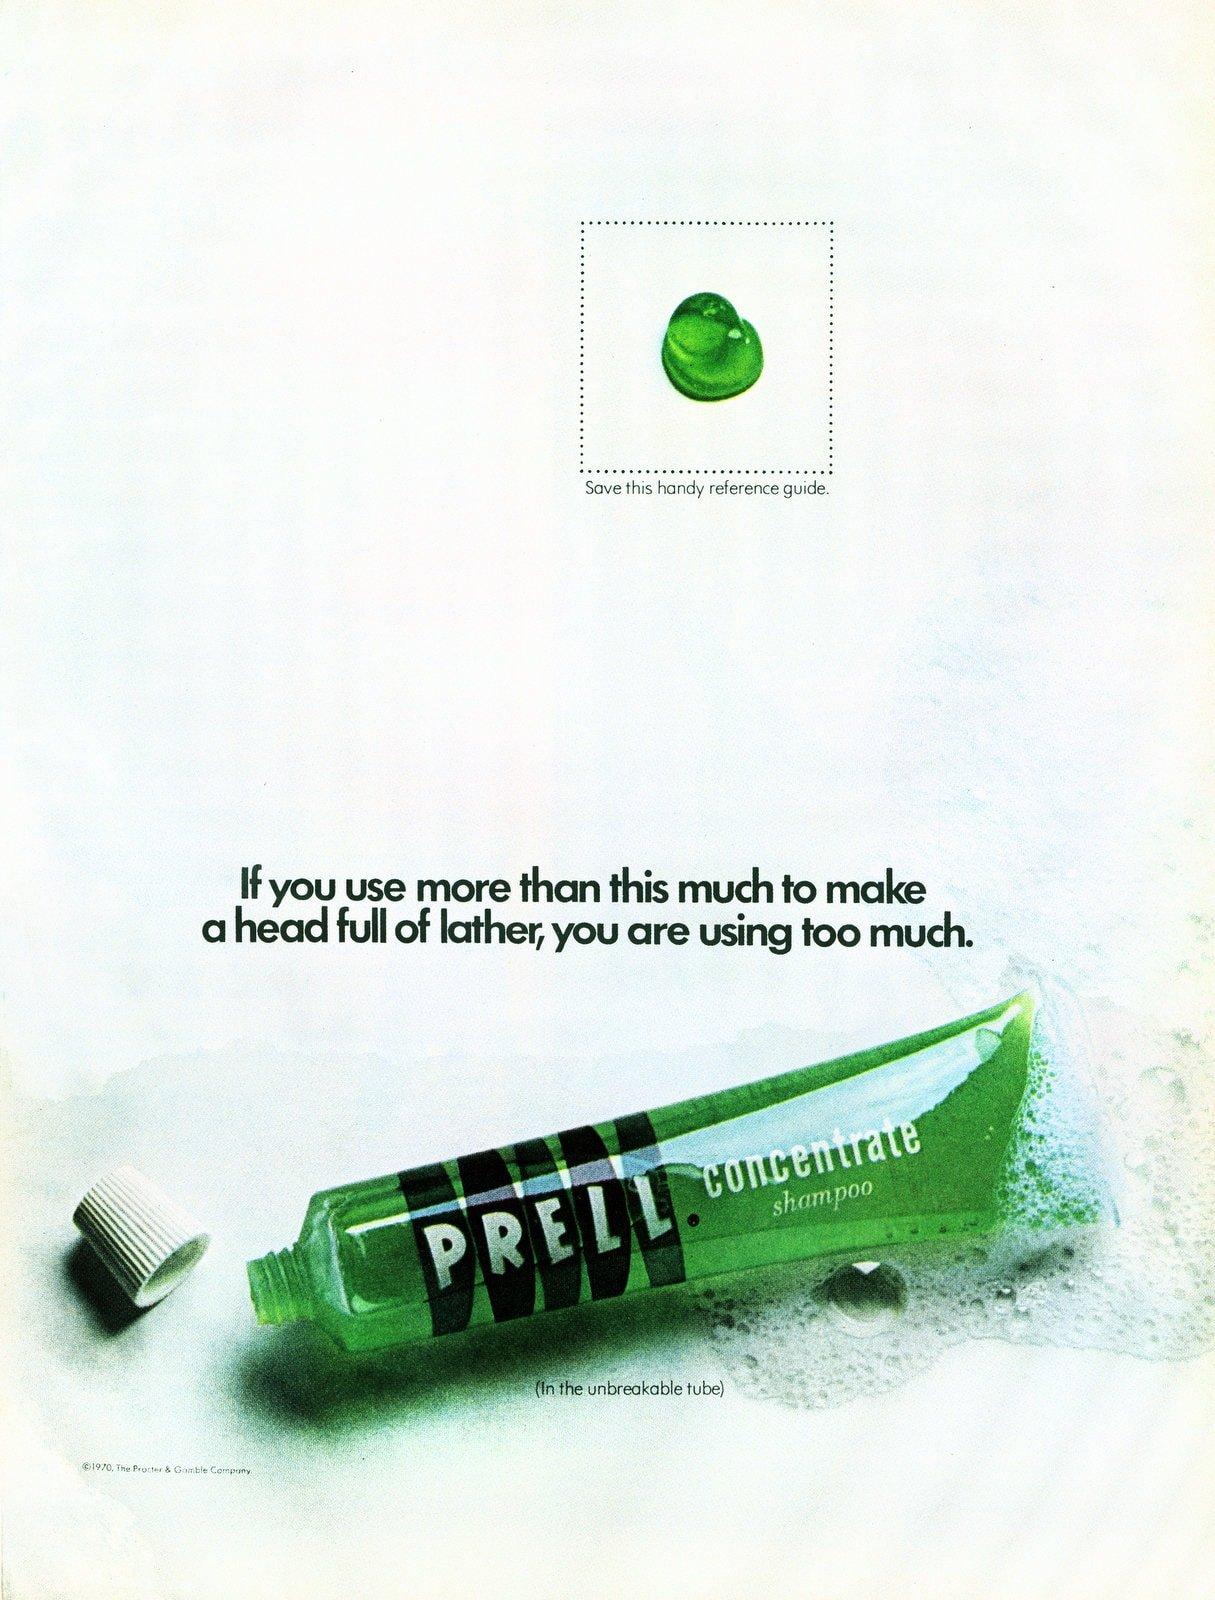 Bright green Prell shampoo (1970)